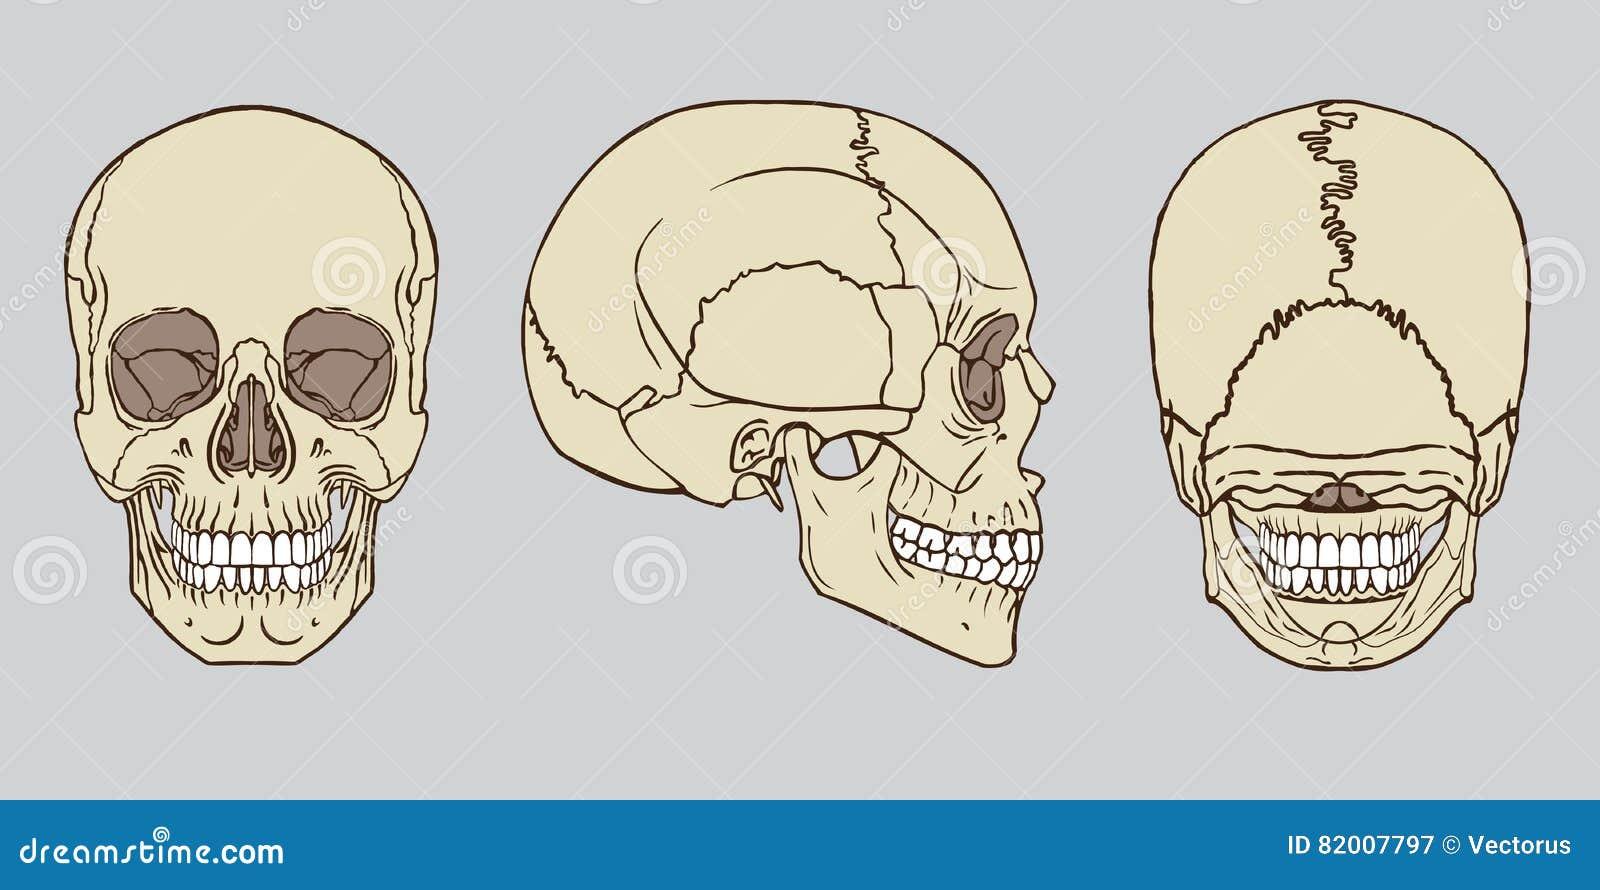 Vector Humano Del Paquete De La Anatomía Del Cráneo Ilustración del ...